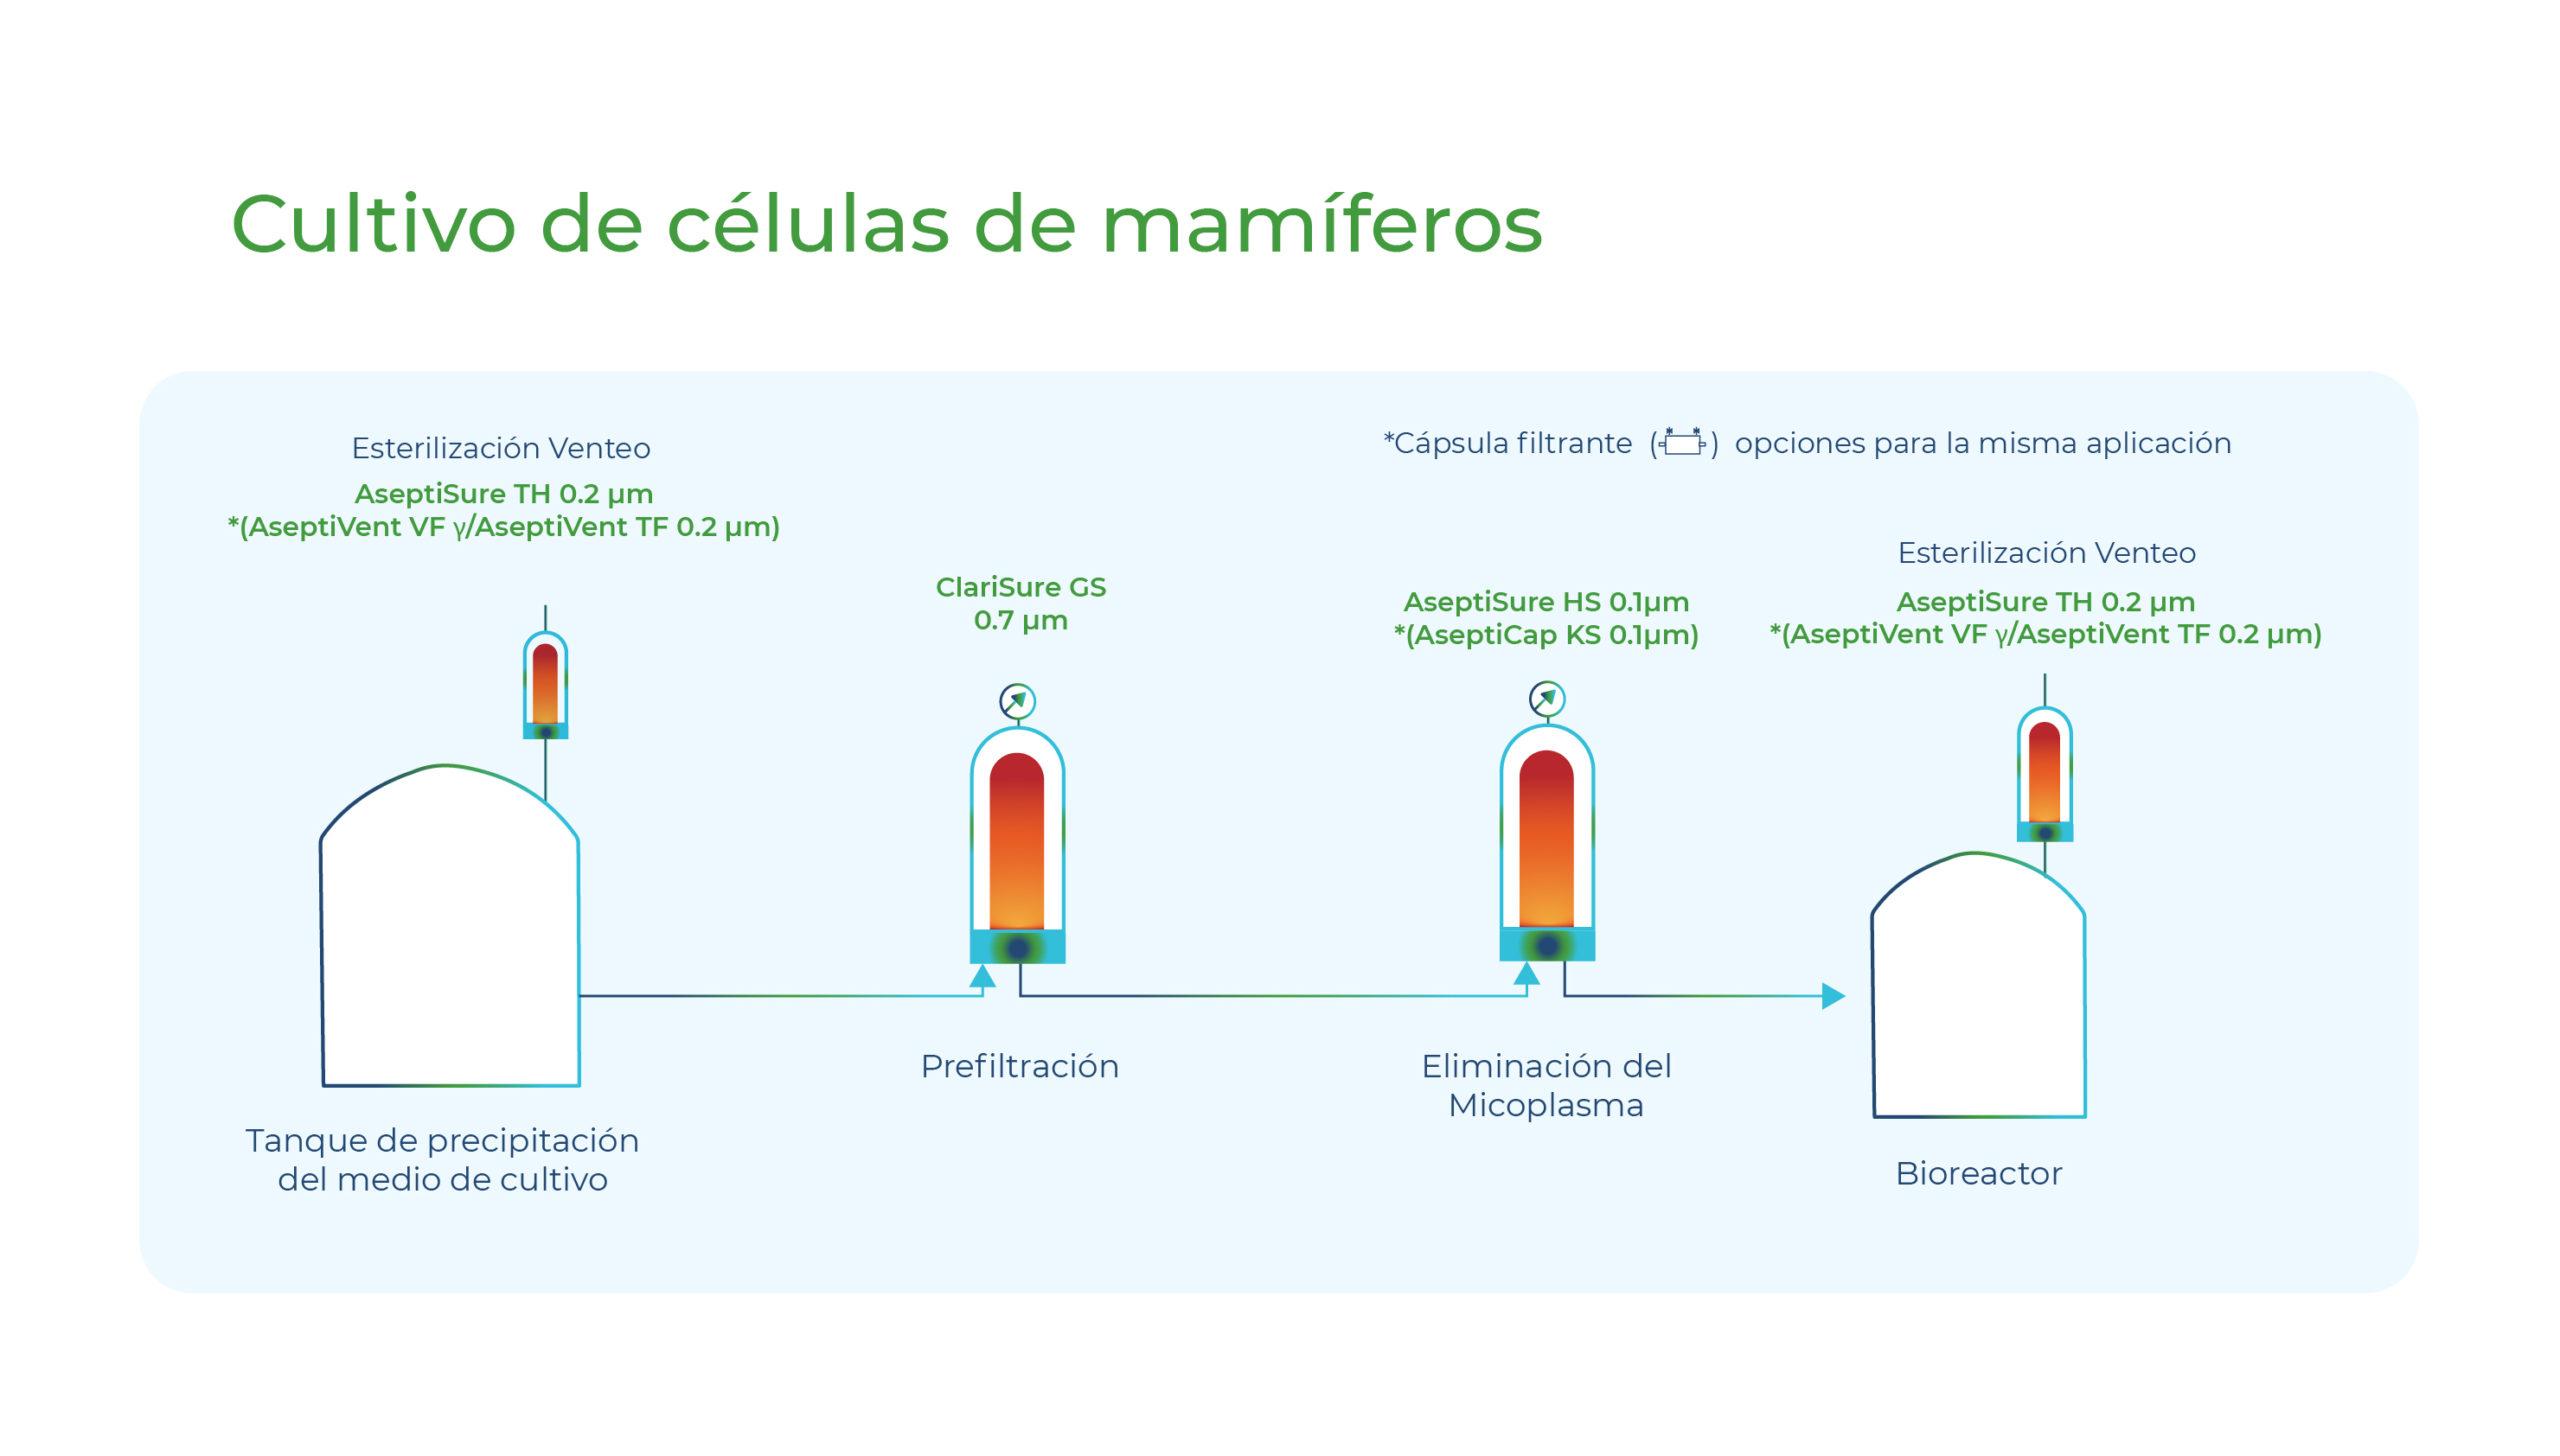 Diagrama Cultivo de células de mamíferos. Gesfilter